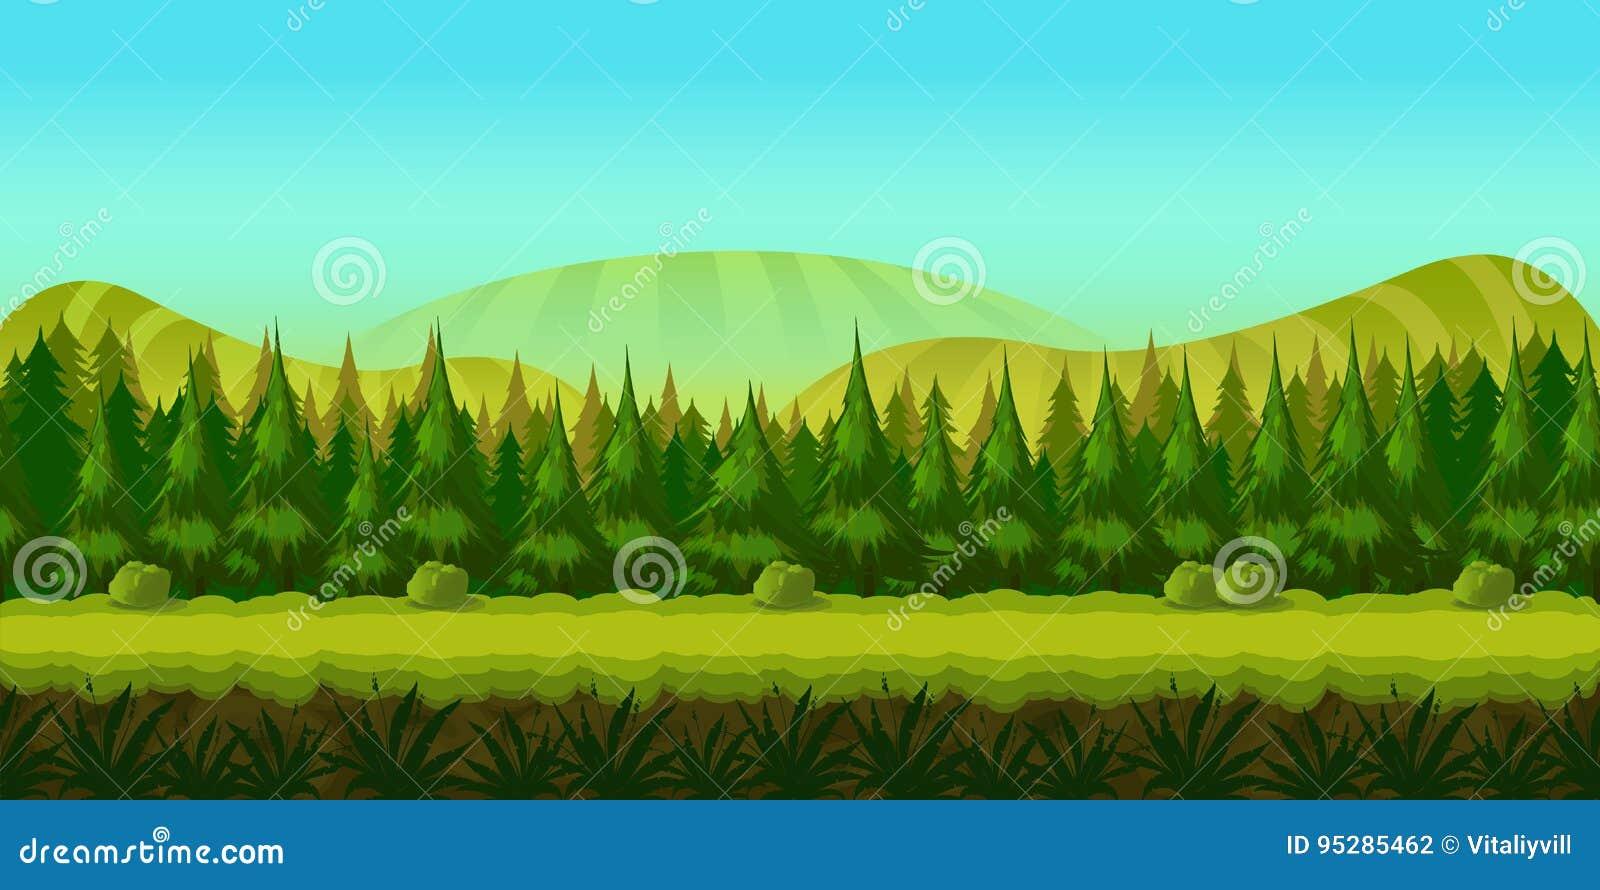 Fondo para usted juego con el bosque verde en primero plano y colinas y campos en fondo